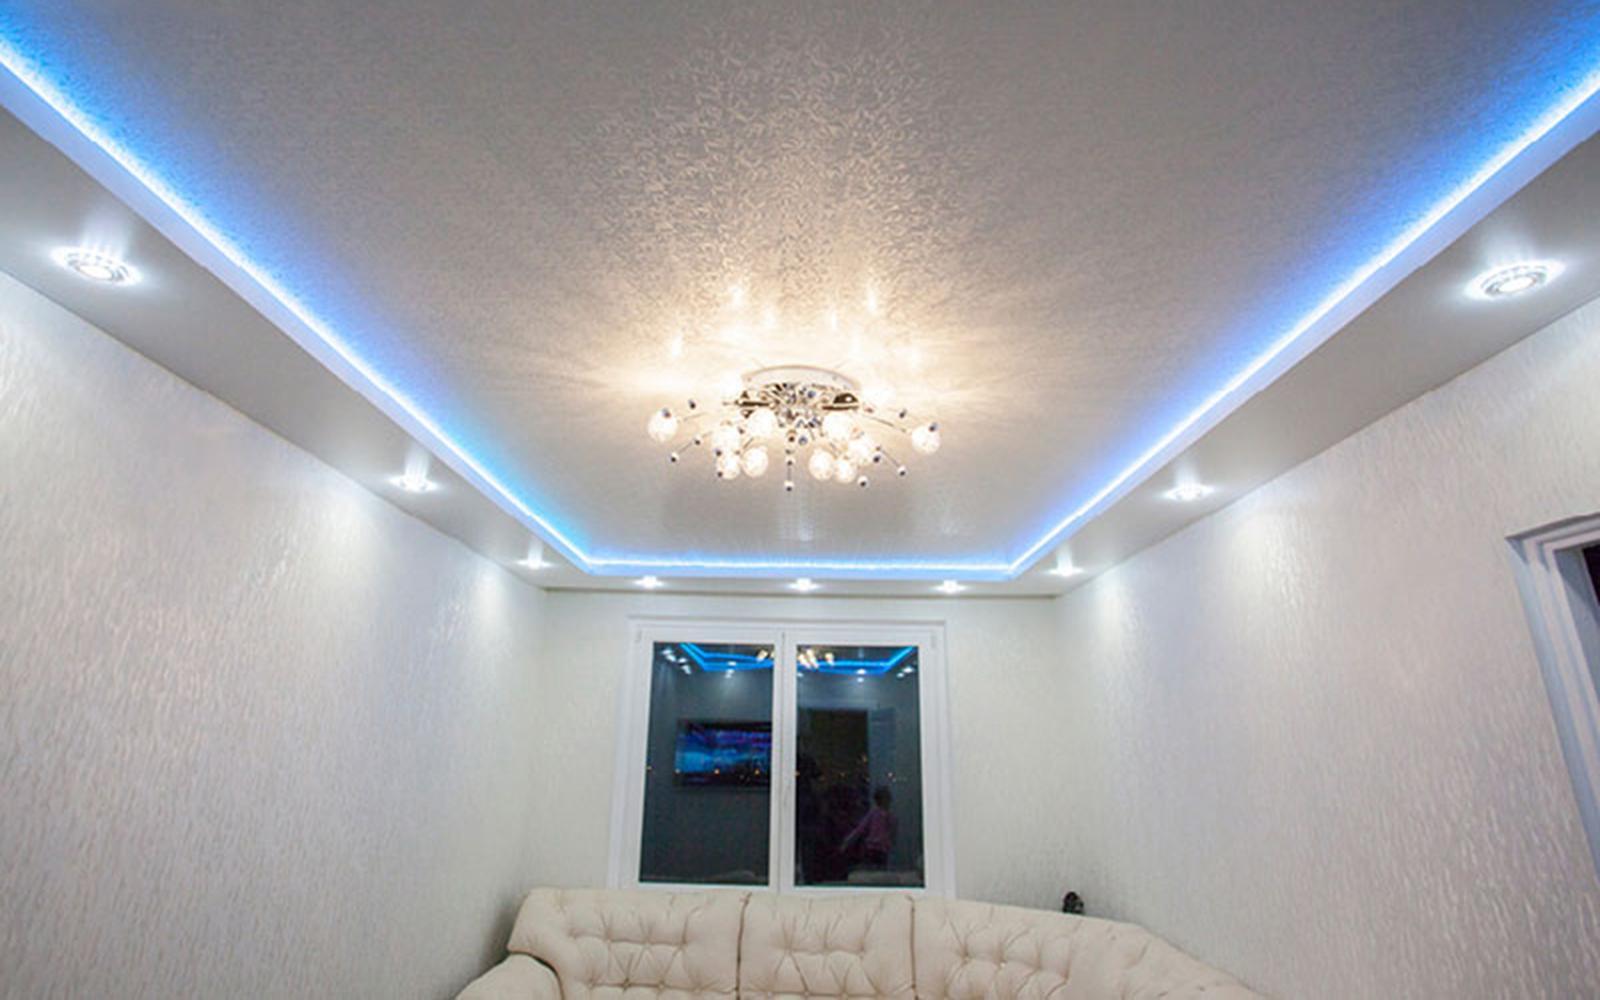 Светодиодная подсветка и точечные светильники по периметру